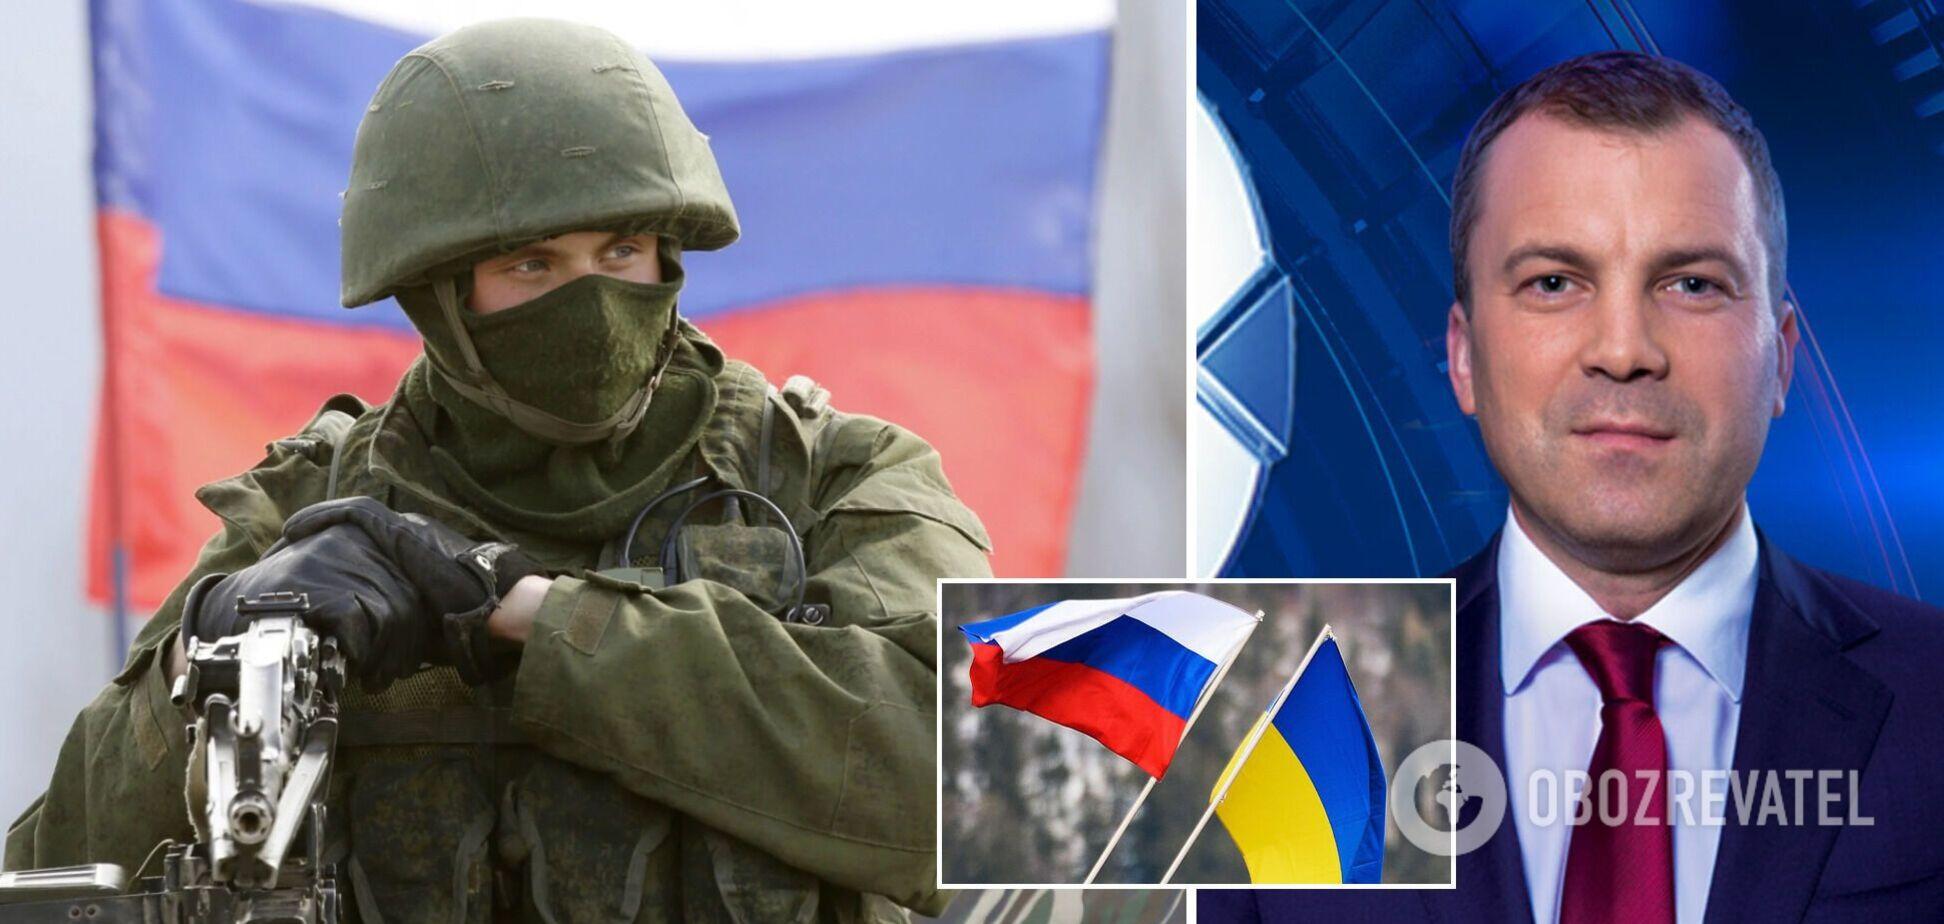 Російський пропагандист заявив, що РФ доведеться окупувати Україну, якщо вона вступить у НАТО. Відео